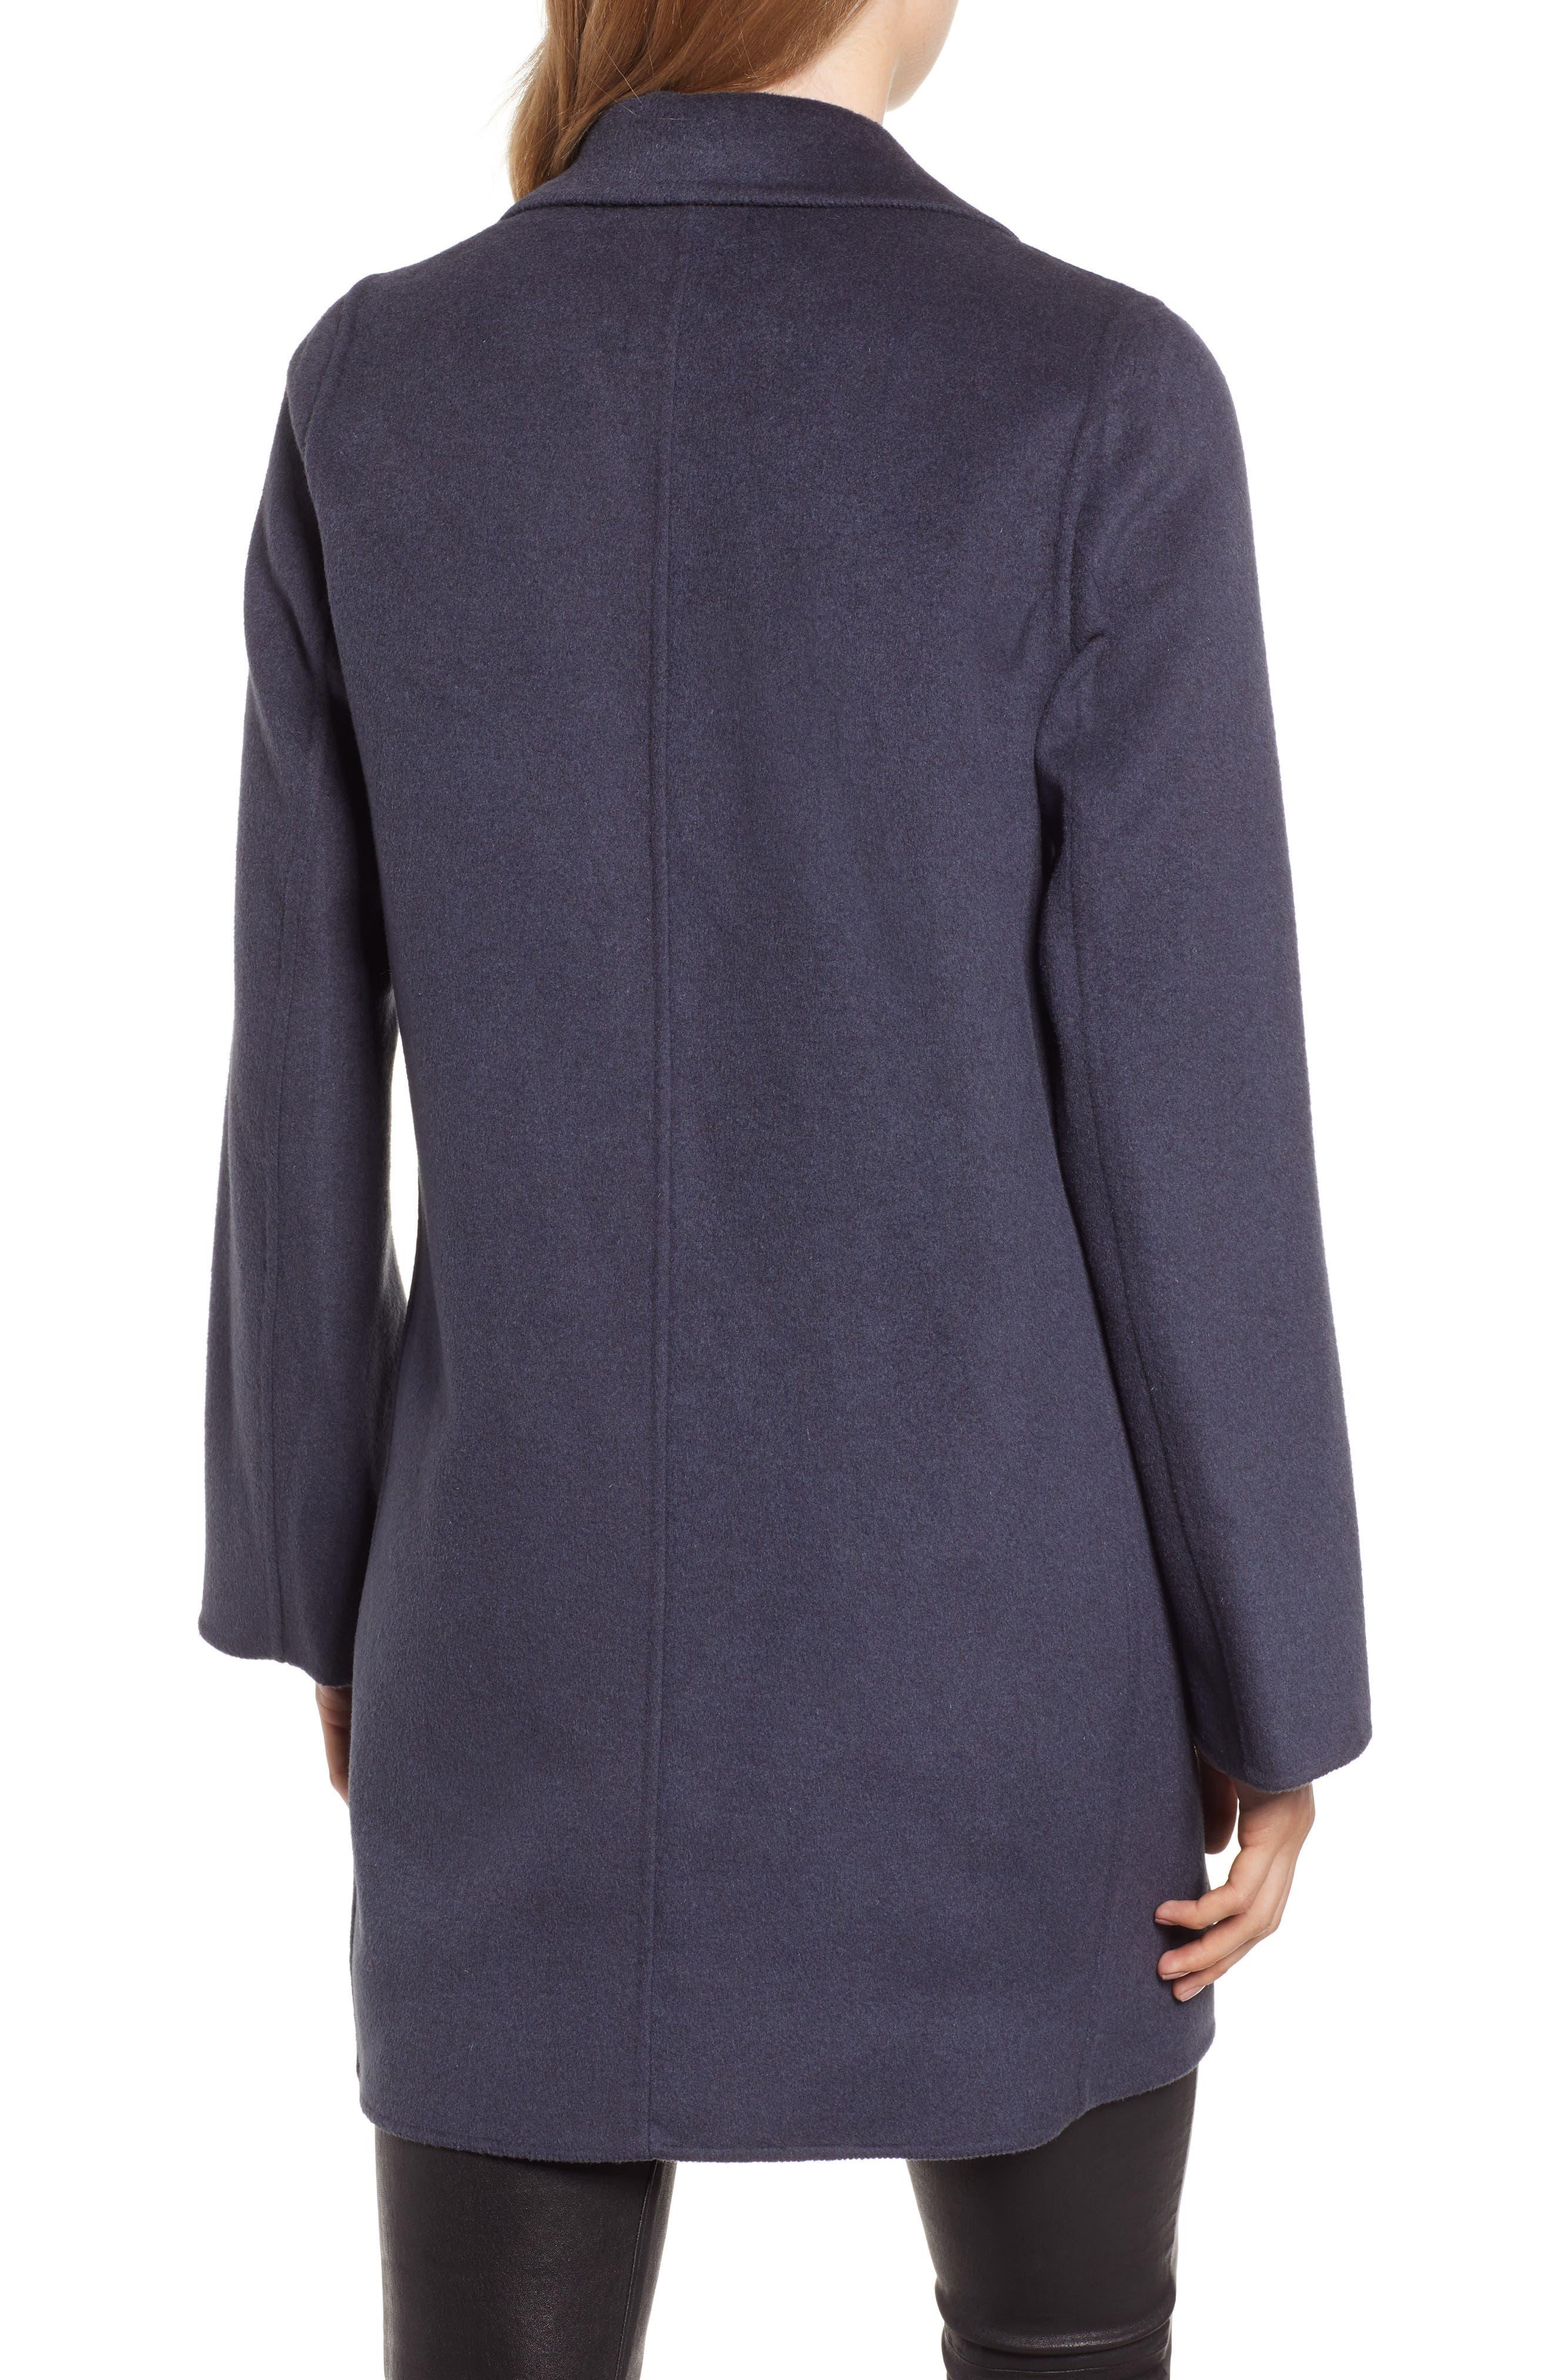 Jayden Bell Sleeve Jacket,                             Alternate thumbnail 2, color,                             SEA GREY